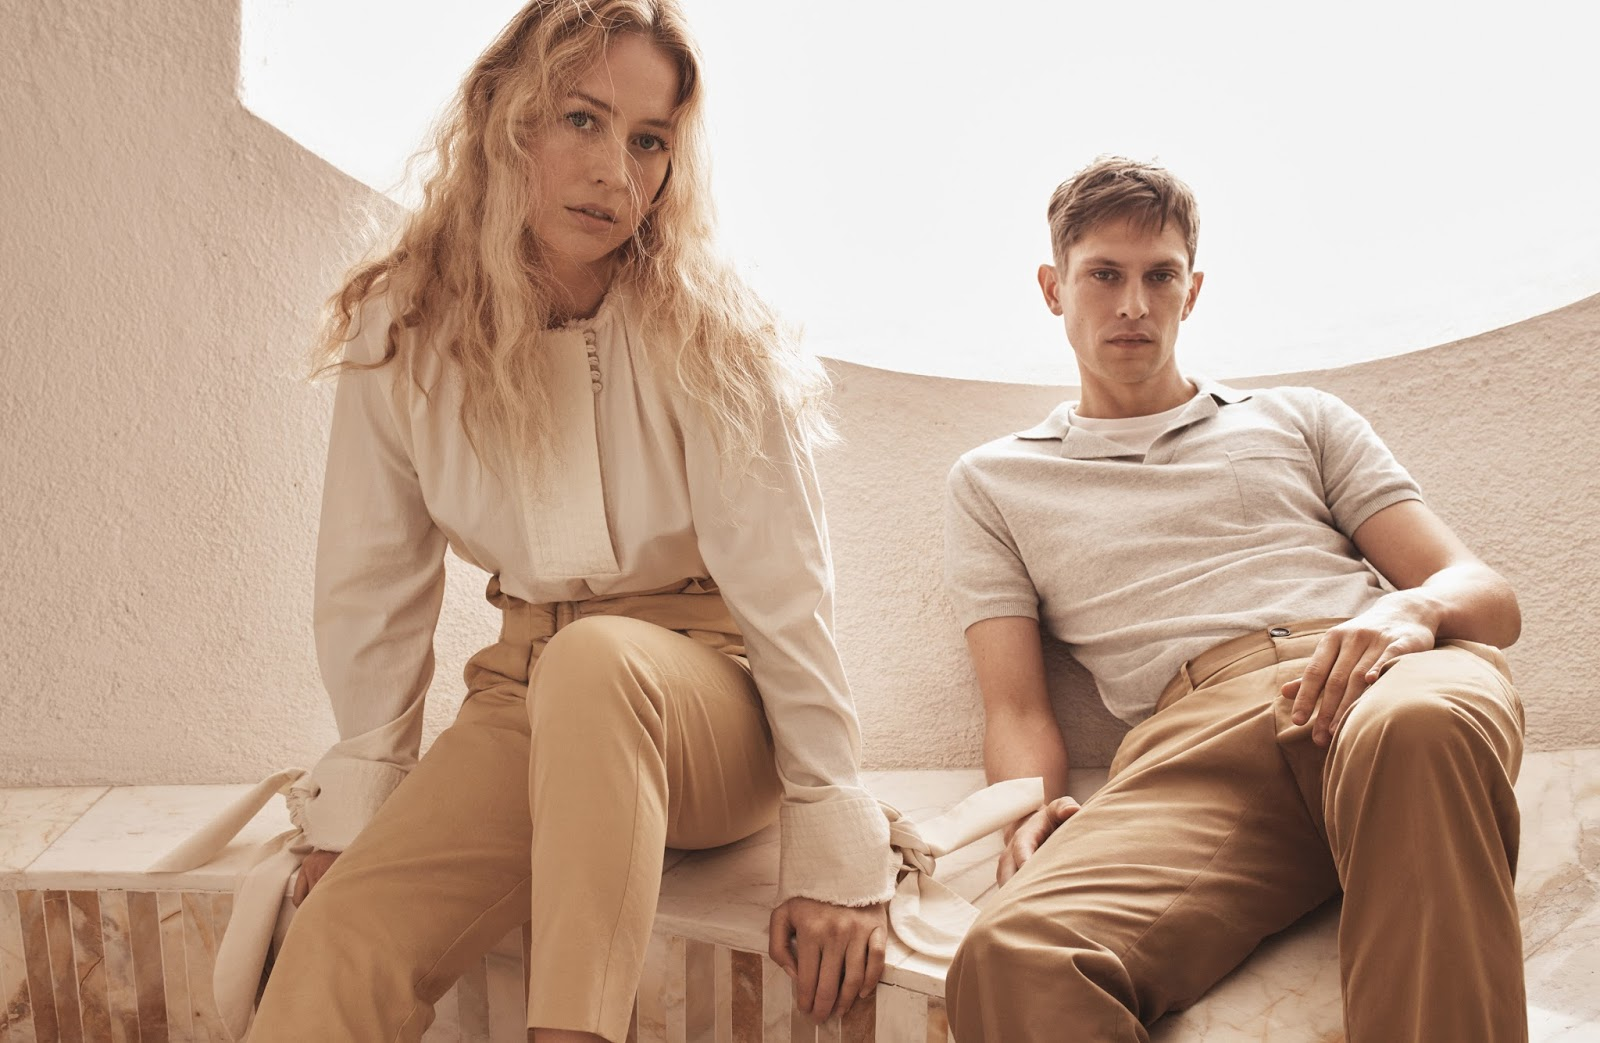 2019 year style- Mangos journey towards sustainable fashion